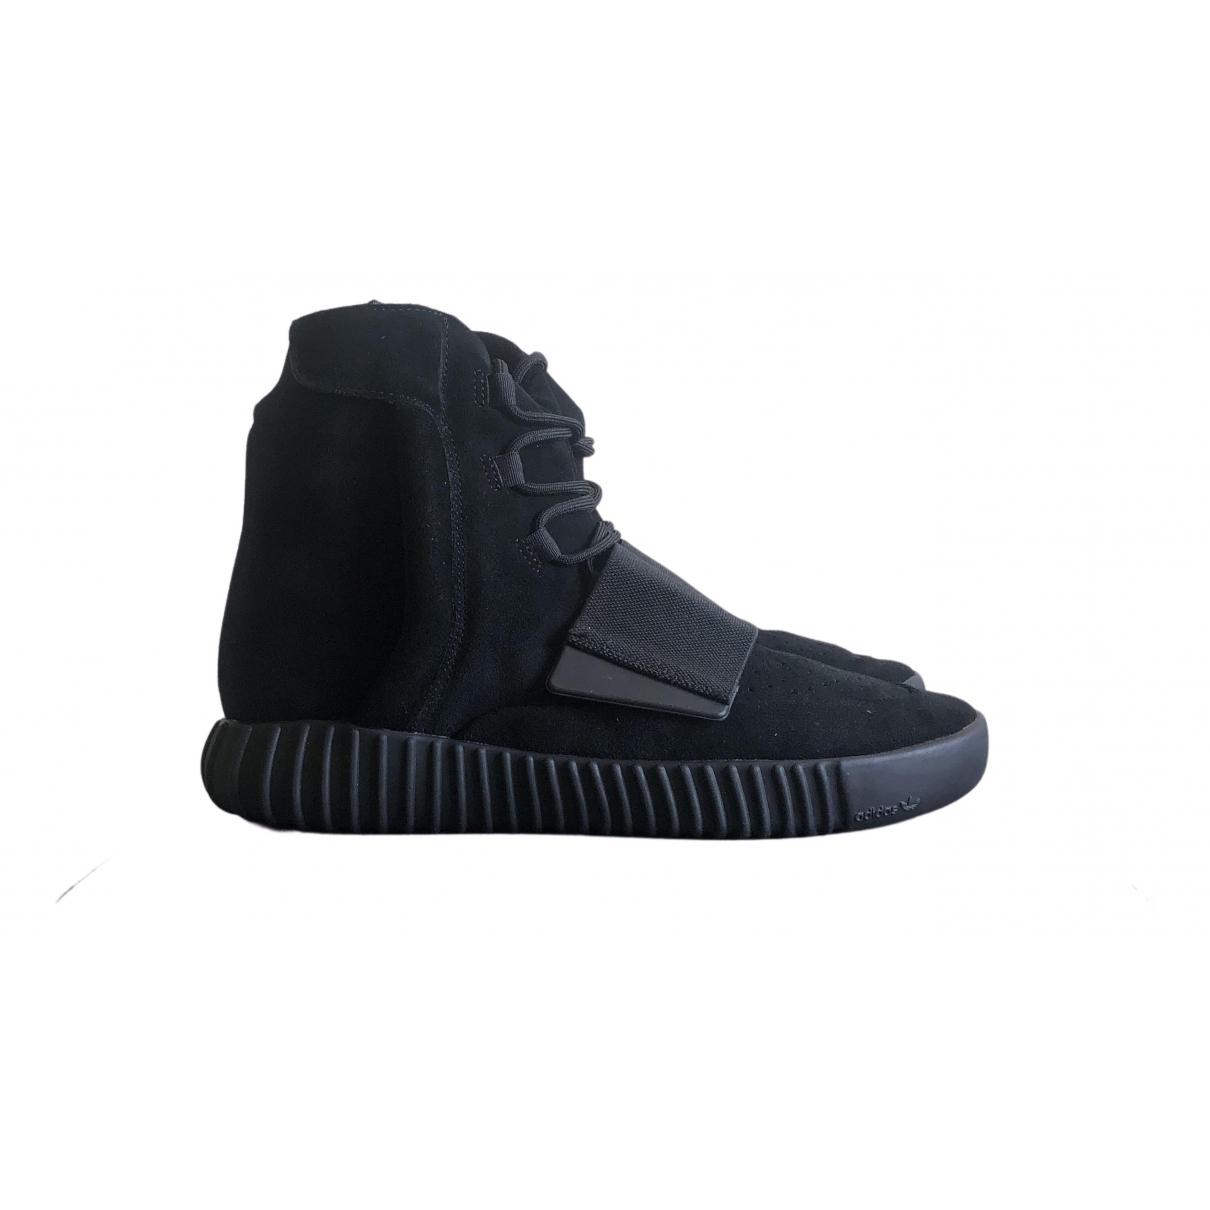 Yeezy X Adidas - Bottes.Boots Boost 750  pour homme en toile - noir